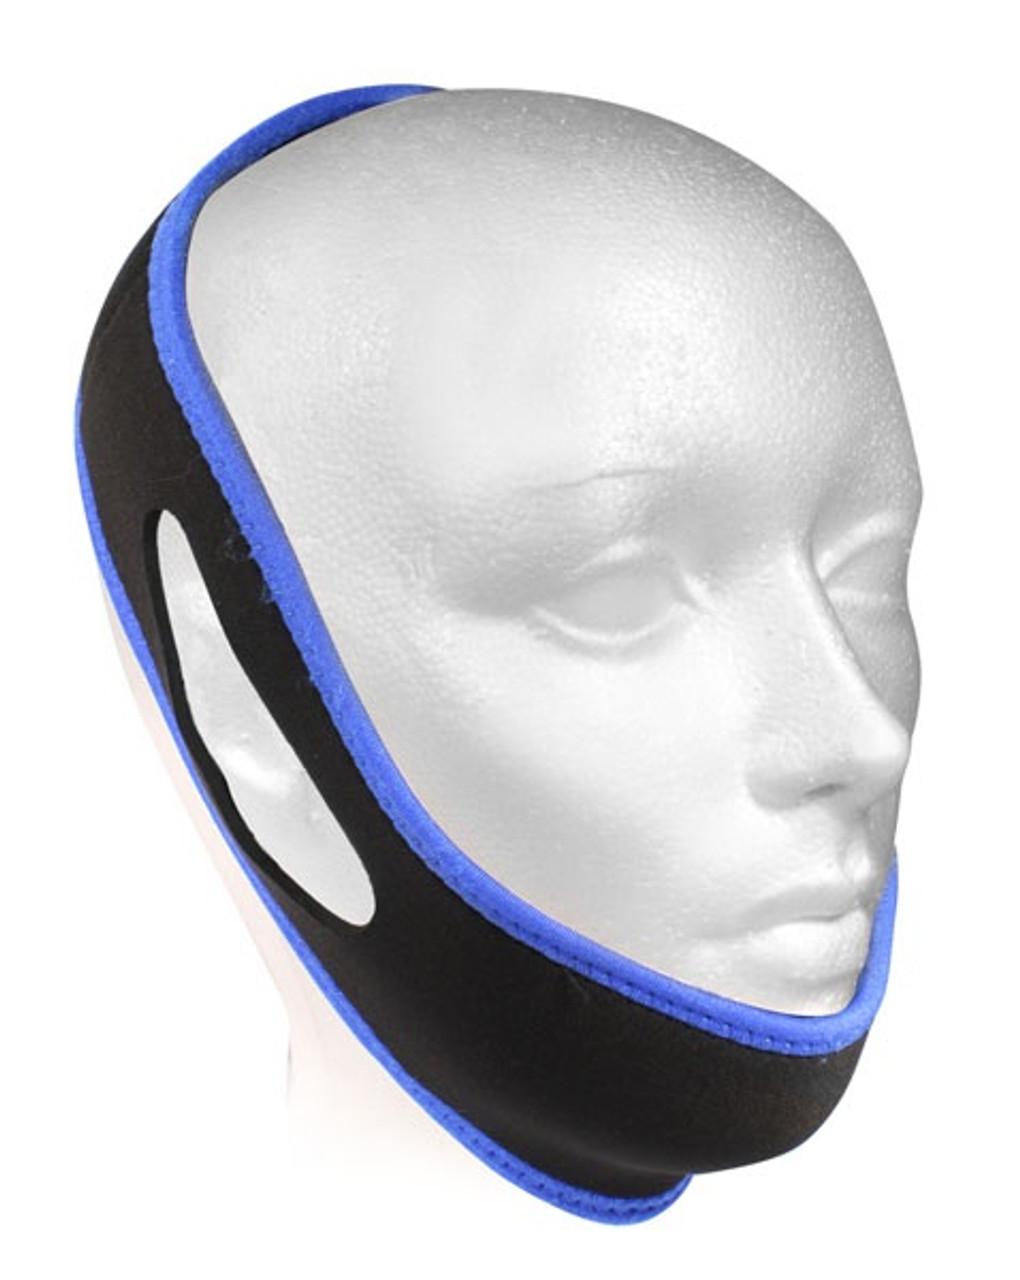 Morpheus Classic Anti Snore - Chin strap